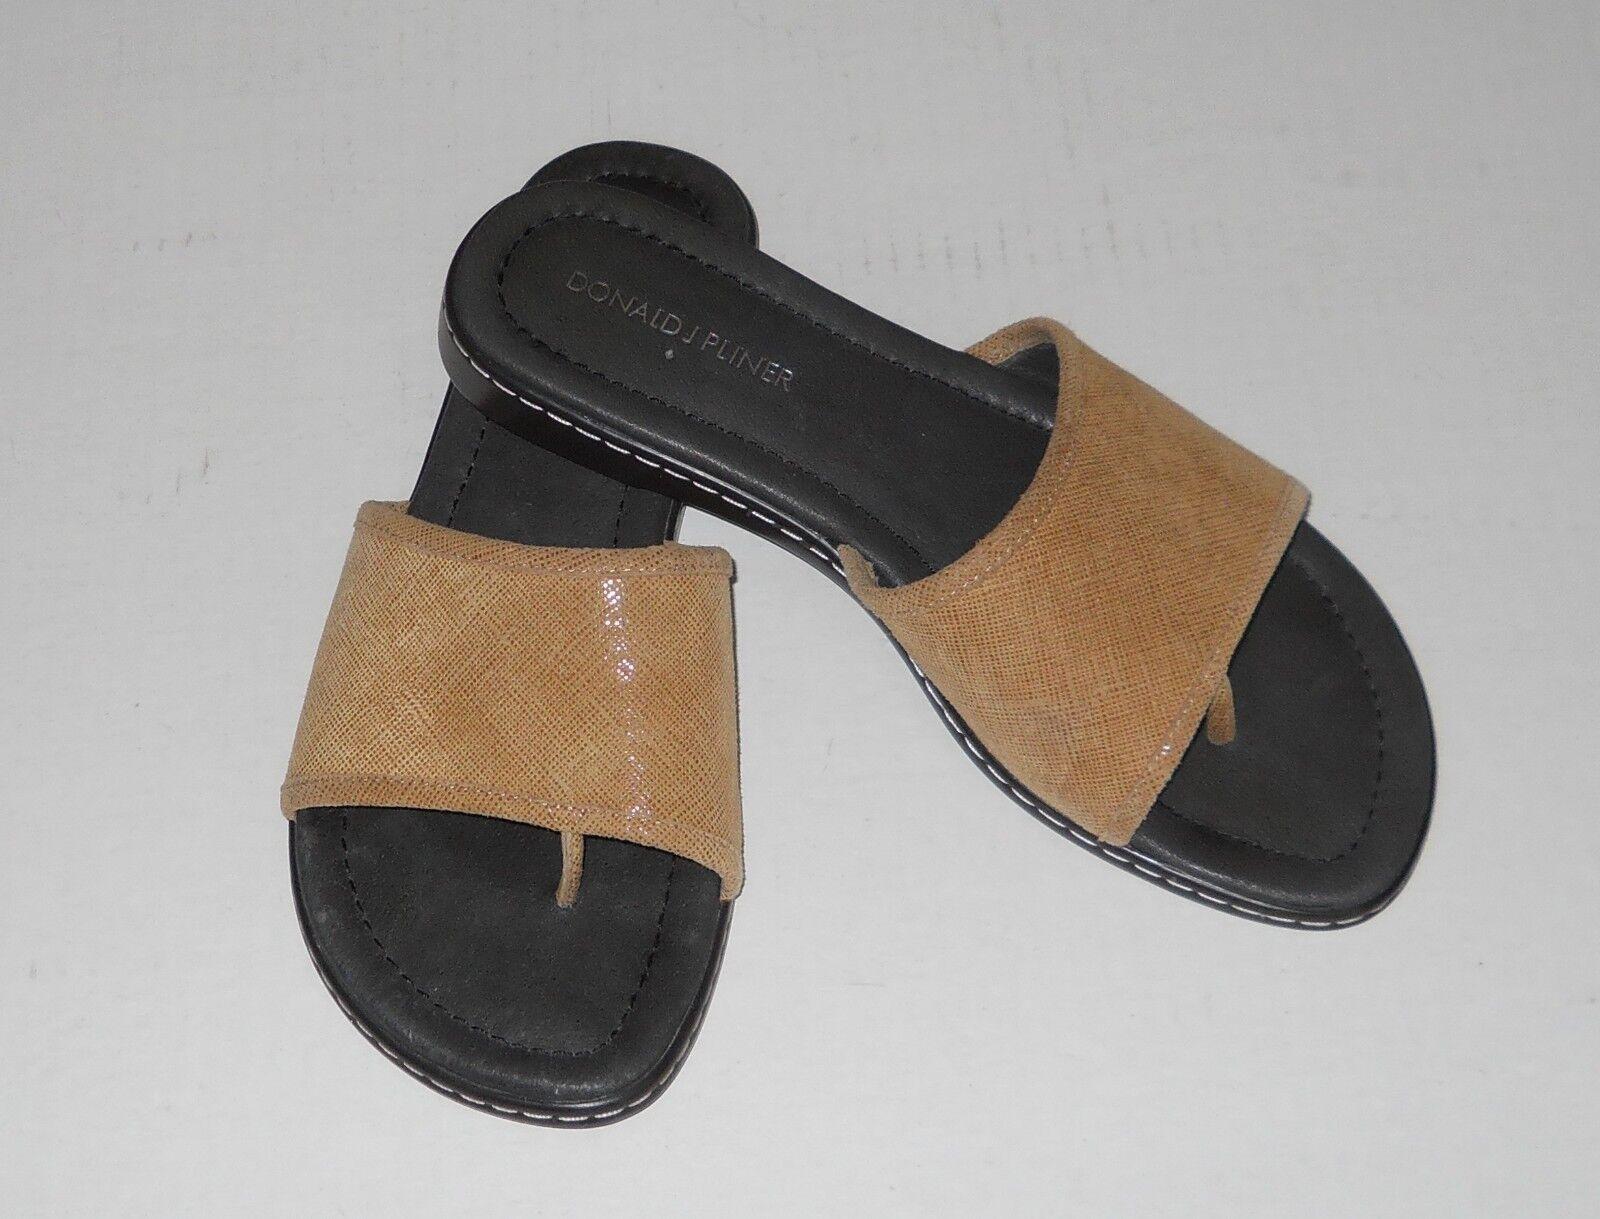 Donald J Pliner Sandals Beige Camel Camel Camel colore Dimensione 6.5 Designer 190fa2